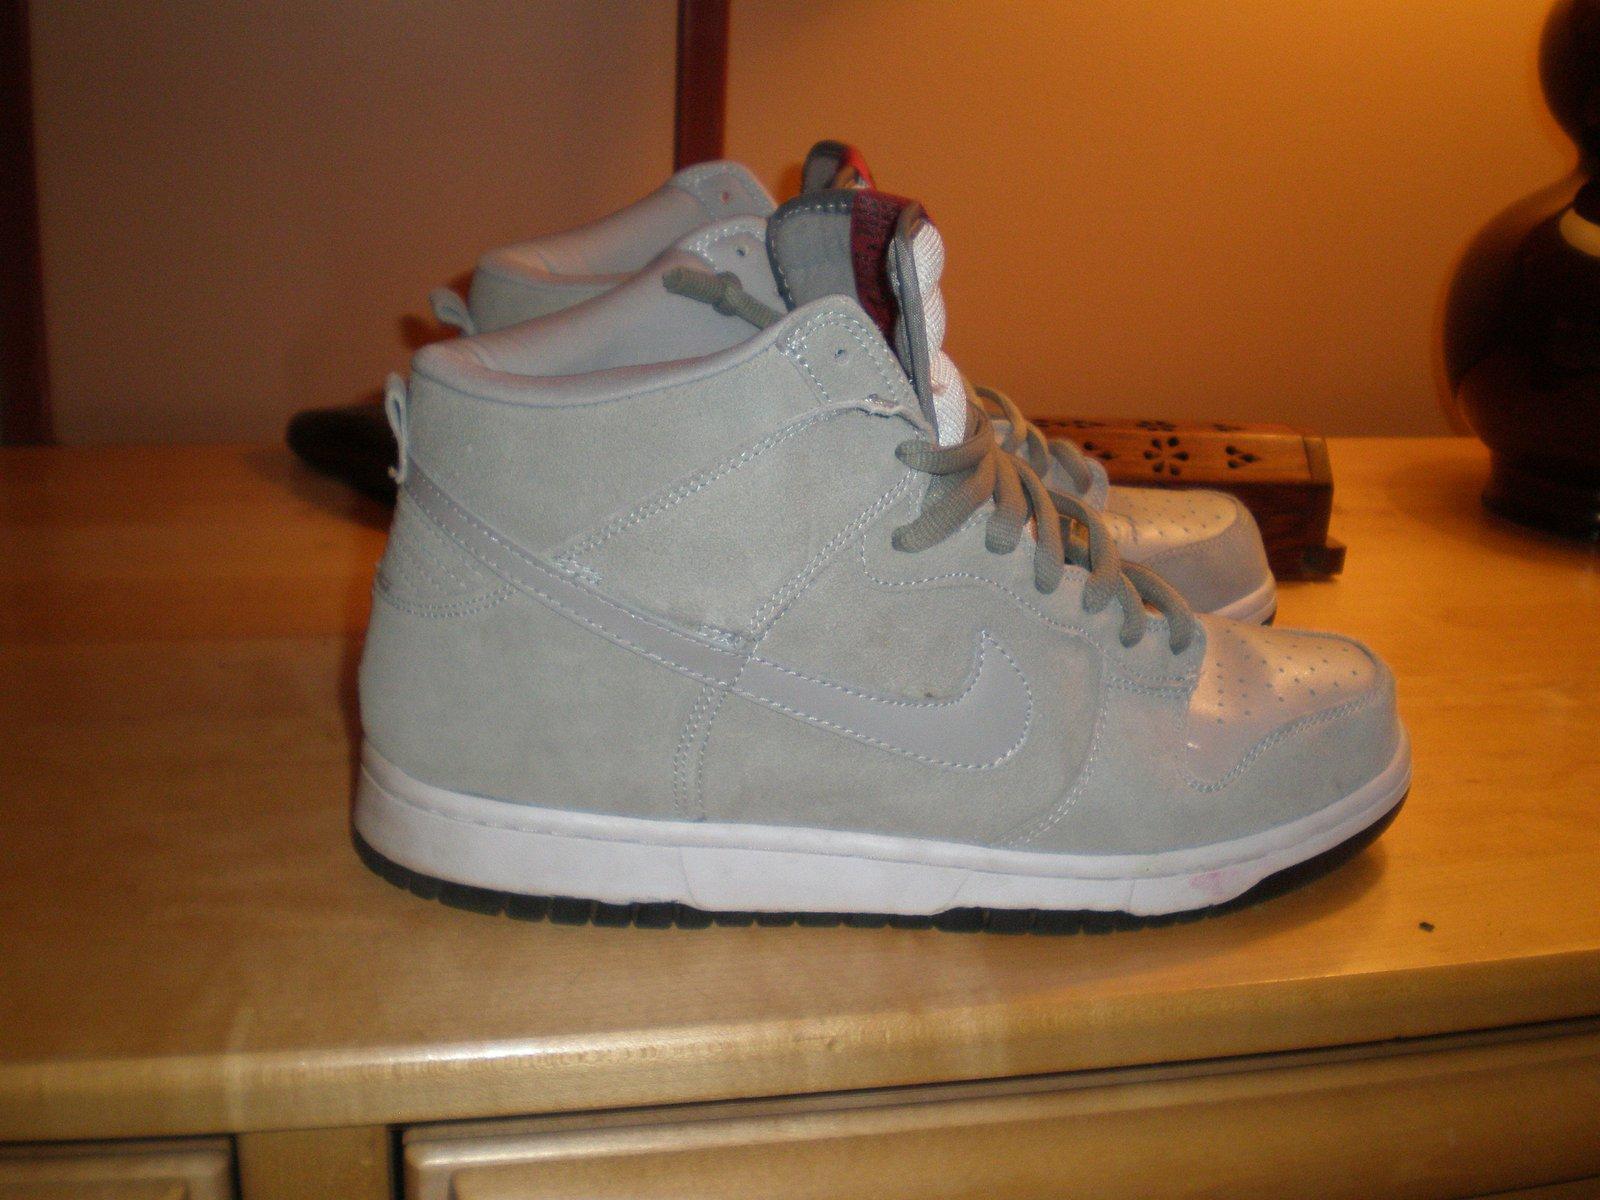 Nikes 2